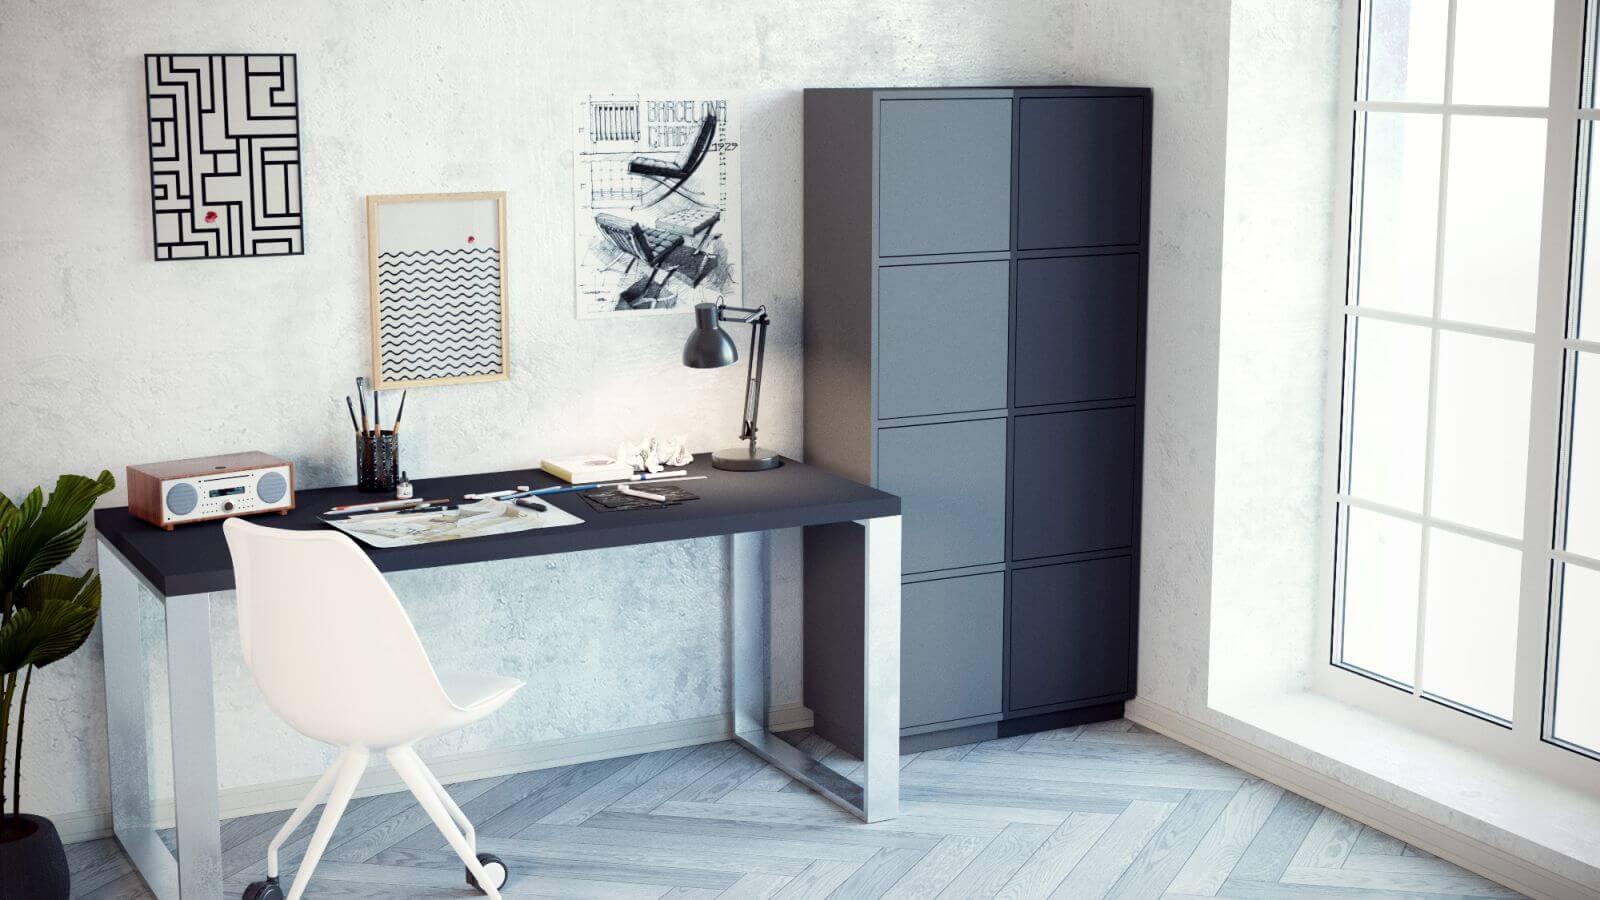 aktenschr nke selbst entwerfen schr nke bei mycs mycs deutschland. Black Bedroom Furniture Sets. Home Design Ideas